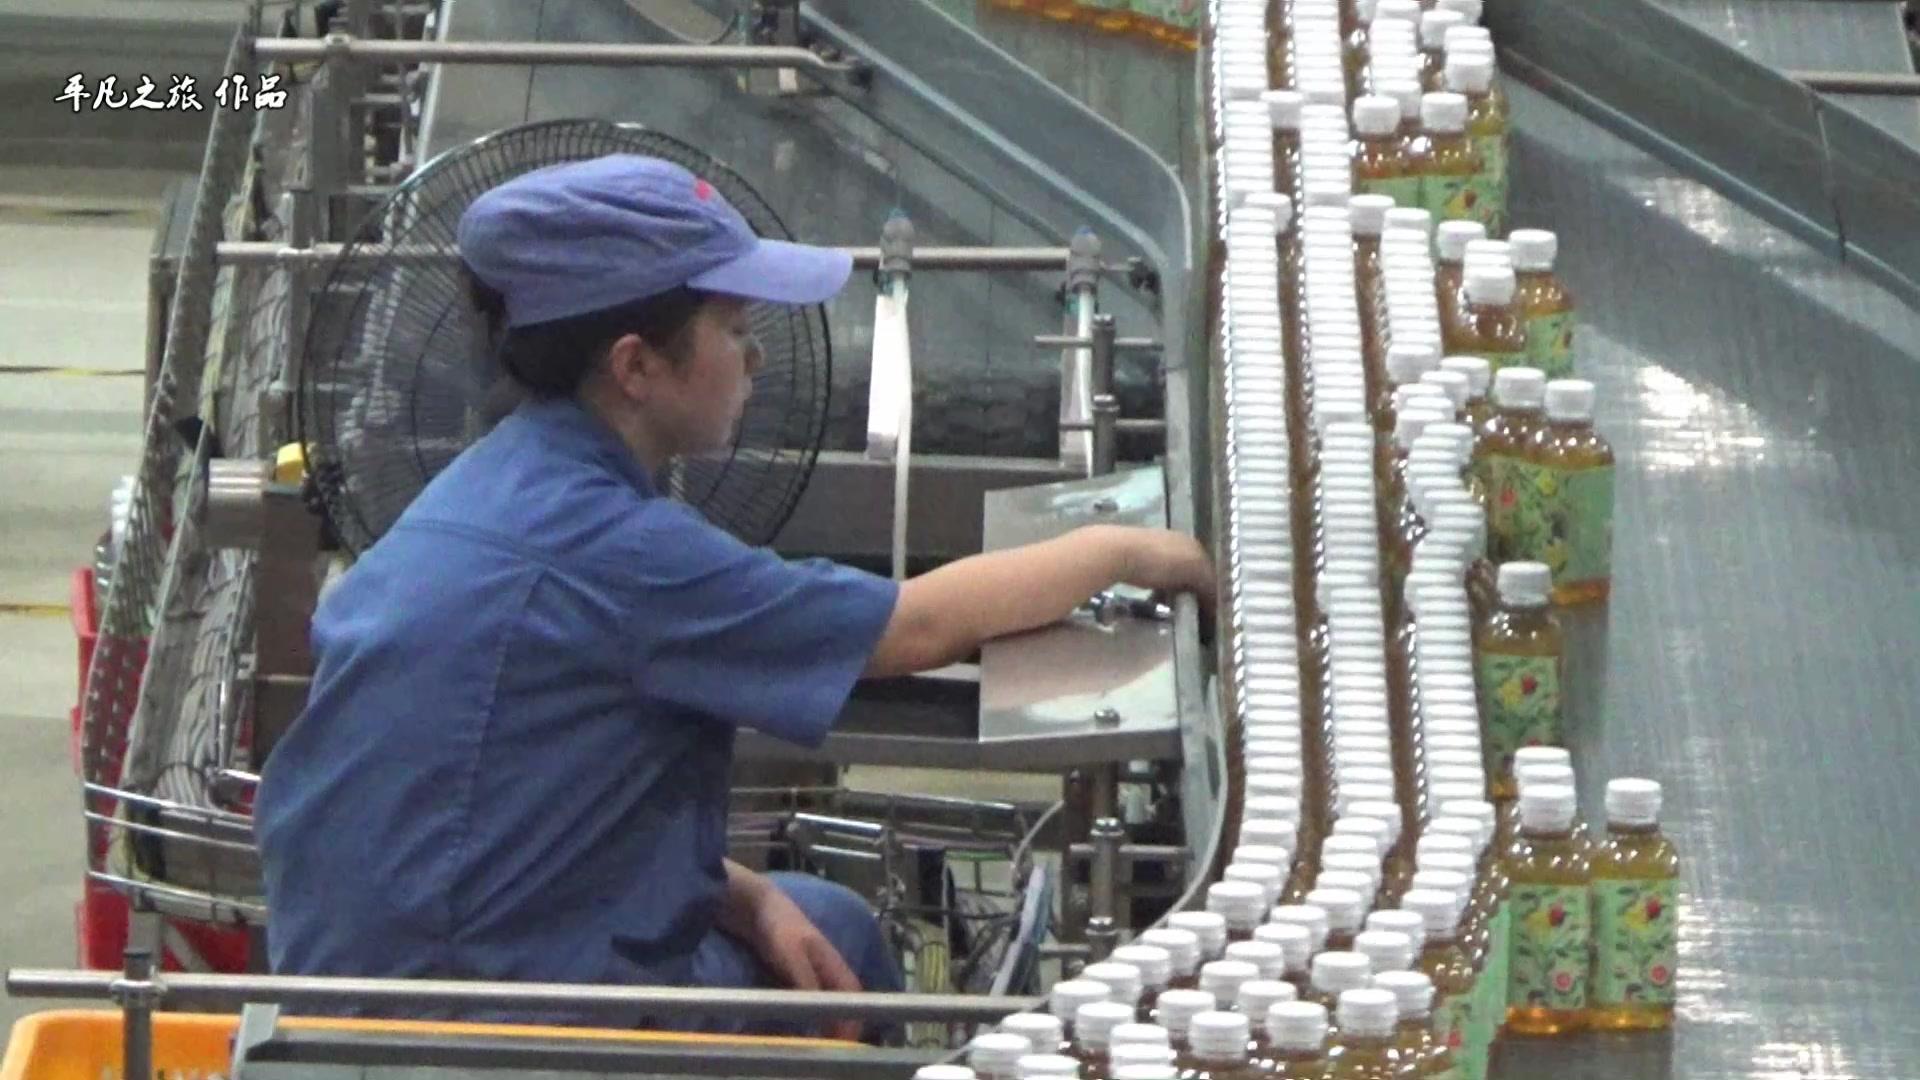 参观农夫山泉工厂,深刻的明白了一个道理